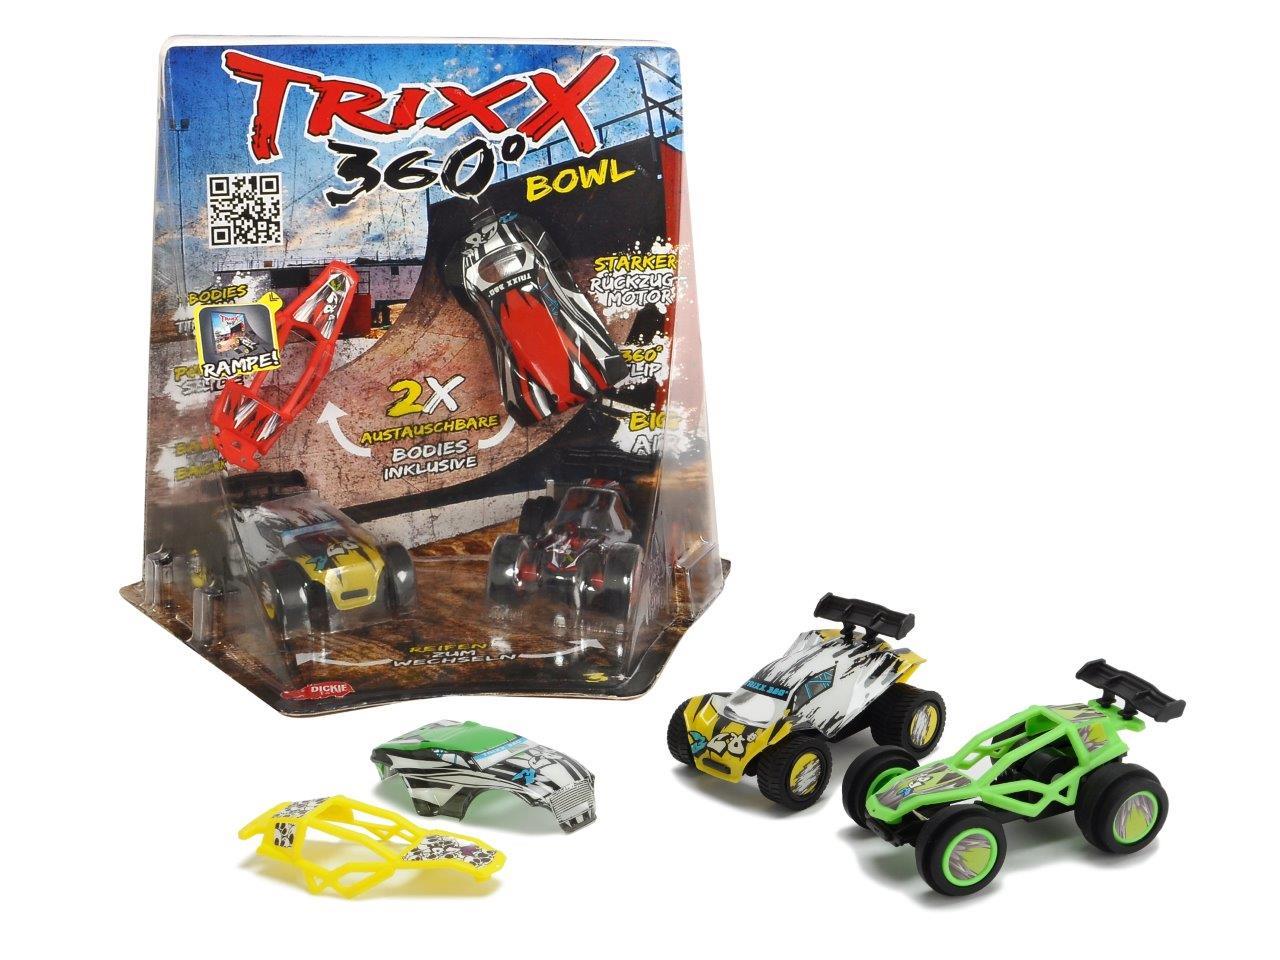 TRXX04 Trixx 360 - Corner Bowl Ramp 2fs